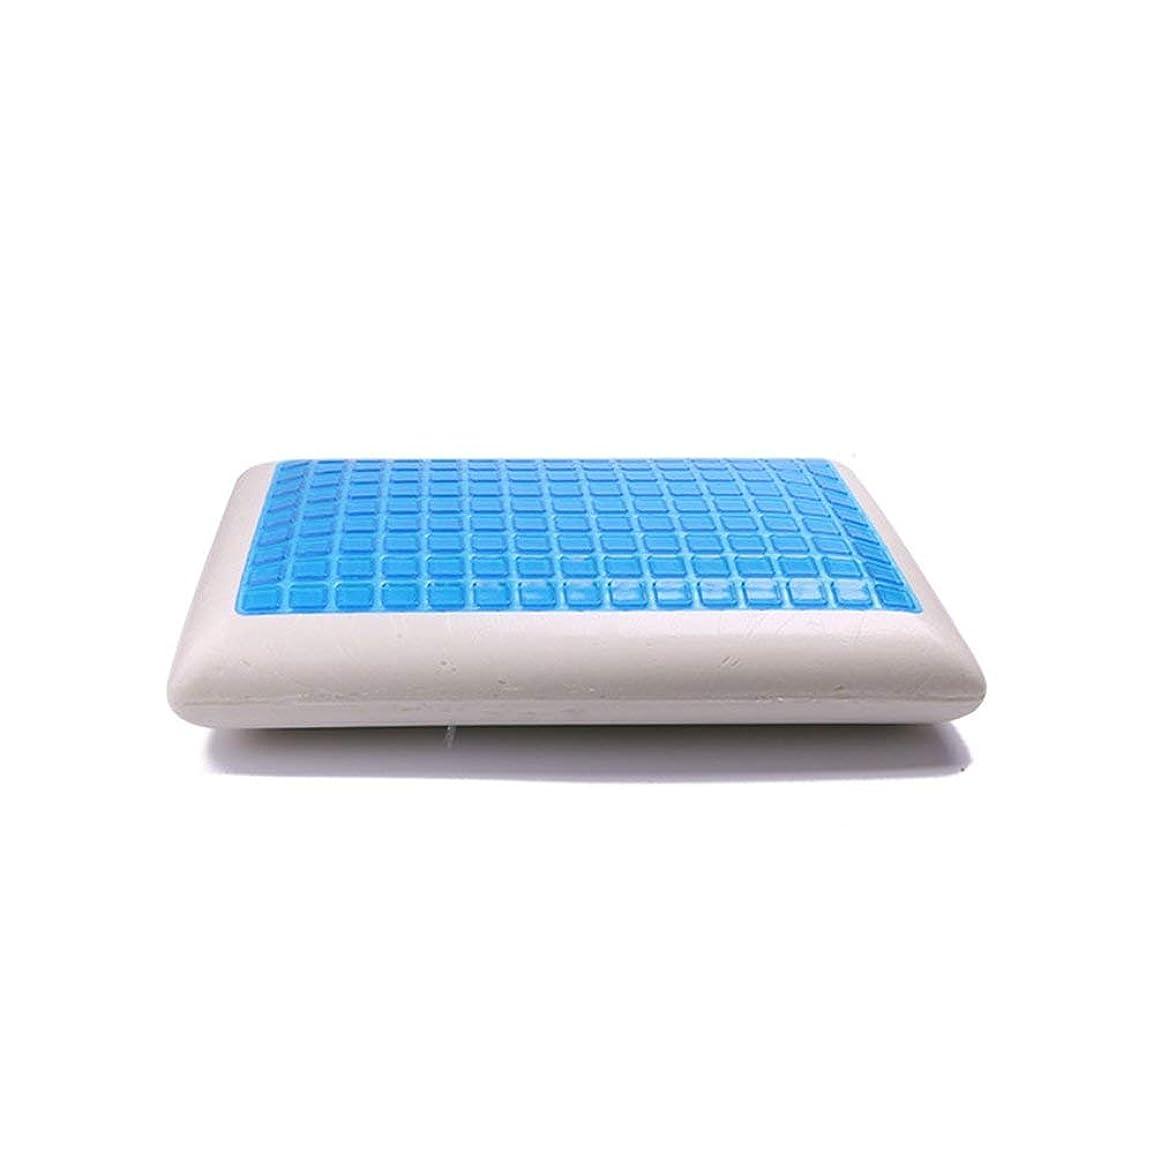 介入する呼吸する年人間工学に基づいたデザインSlow Rebound Summerクールジェル寝具枕通気性低反発マッサージ首の痛みを軽減する枕 - ホワイト&ブルー